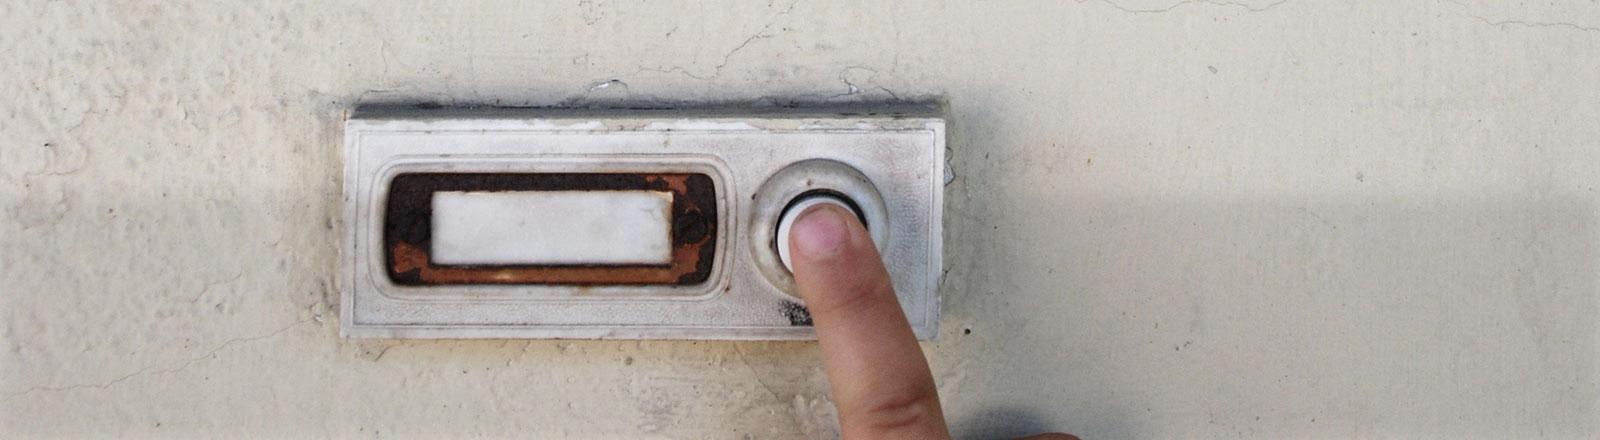 Ein Finger drückt einen Klingelknopf.